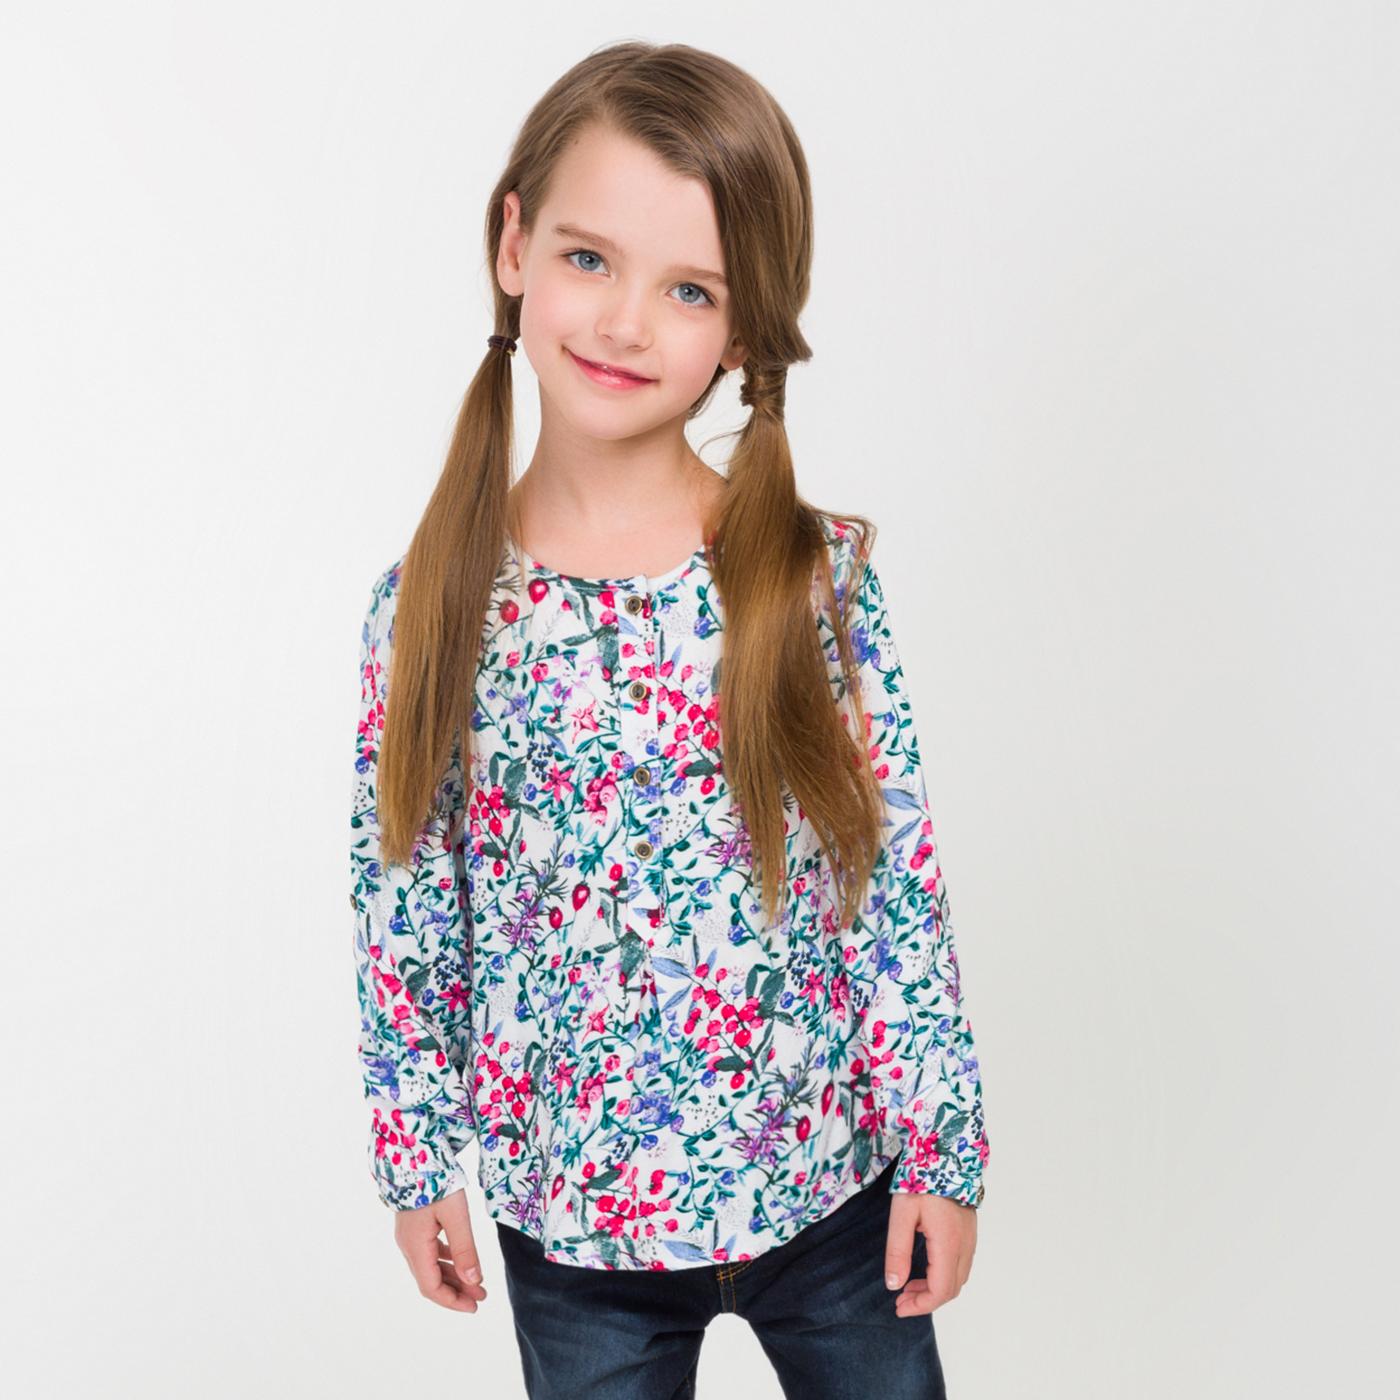 Купить Блузку Детскую В Спб